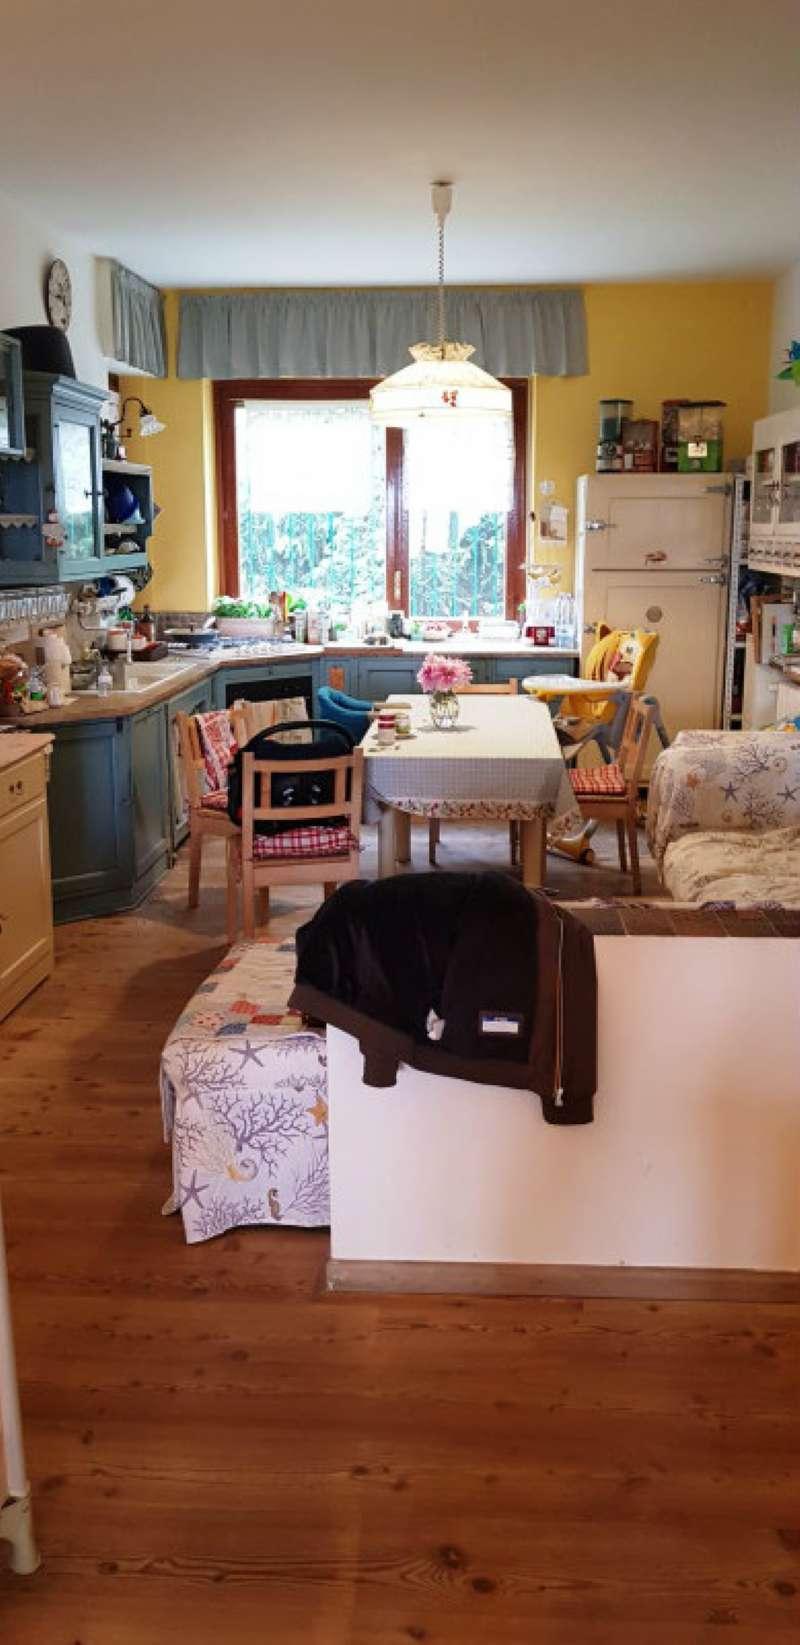 Foto 3 di Appartamento via SERVAIS 200 A 39, Torino (zona Parella, Pozzo Strada)